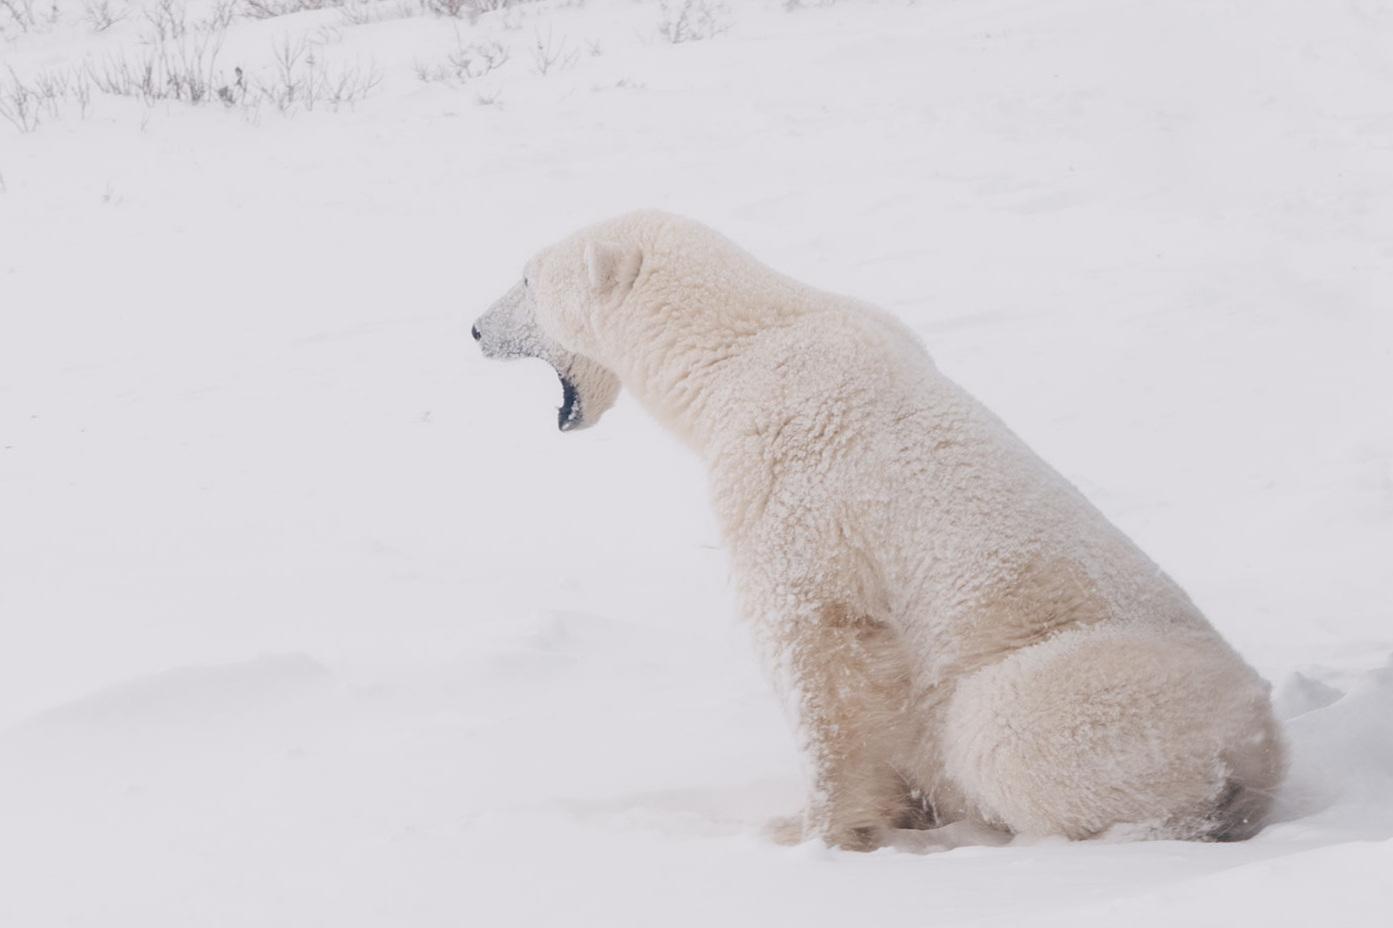 Bare Existence - Max Lowe - 19 minUma intima visão sobre os esforços para a preservação do urso polar.